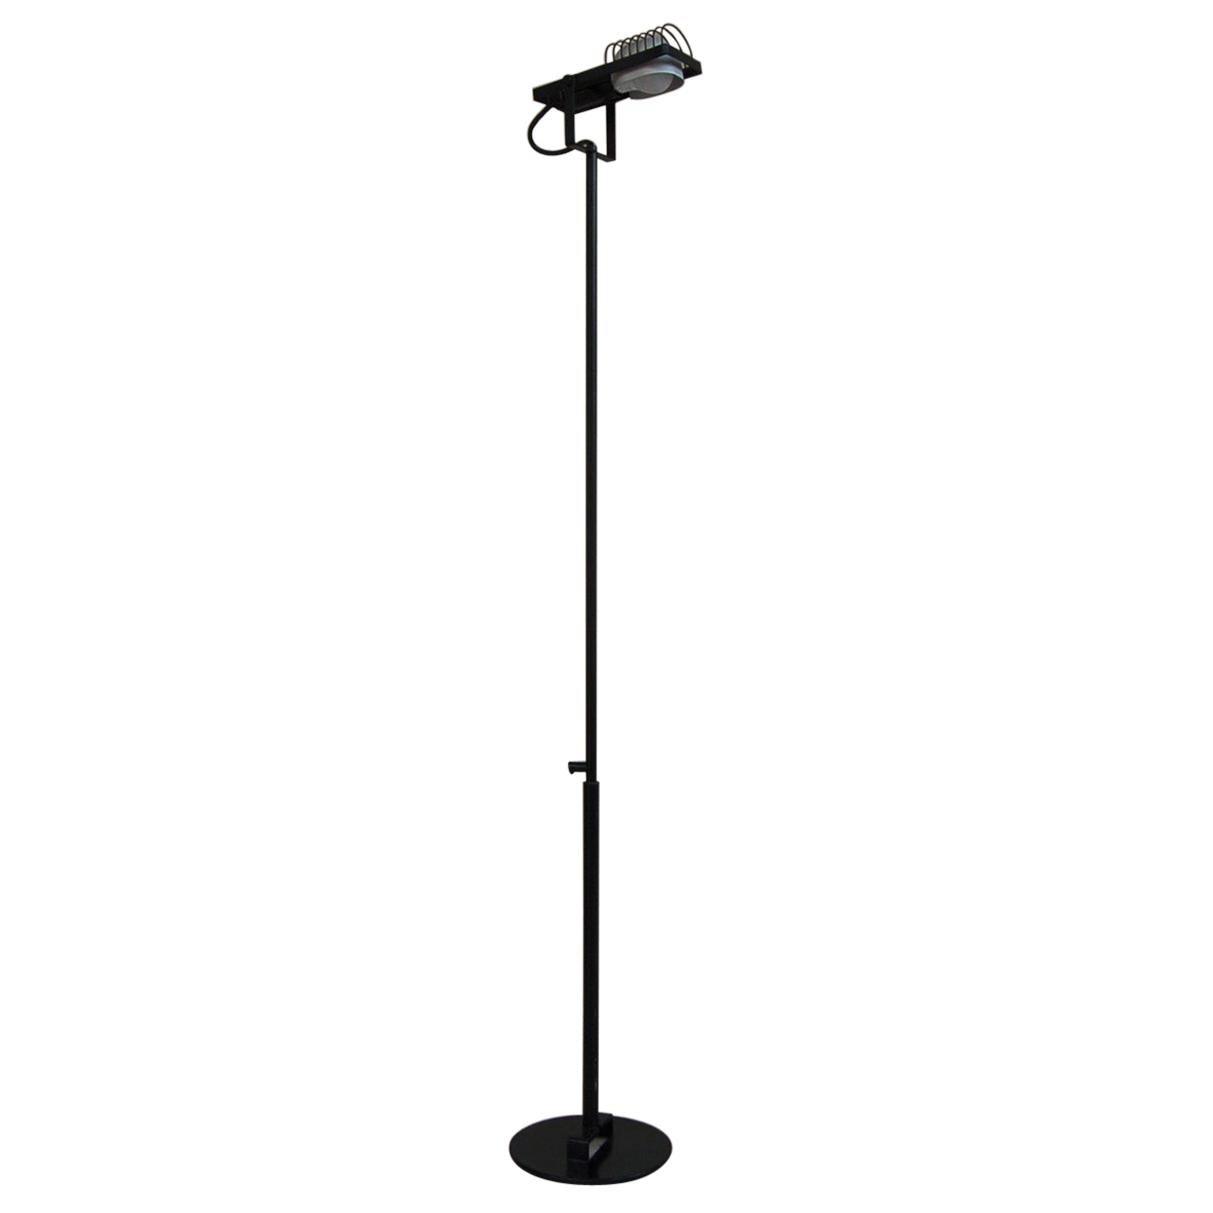 Sintesi Floor Lamp Designed by Gismondi for Artemide